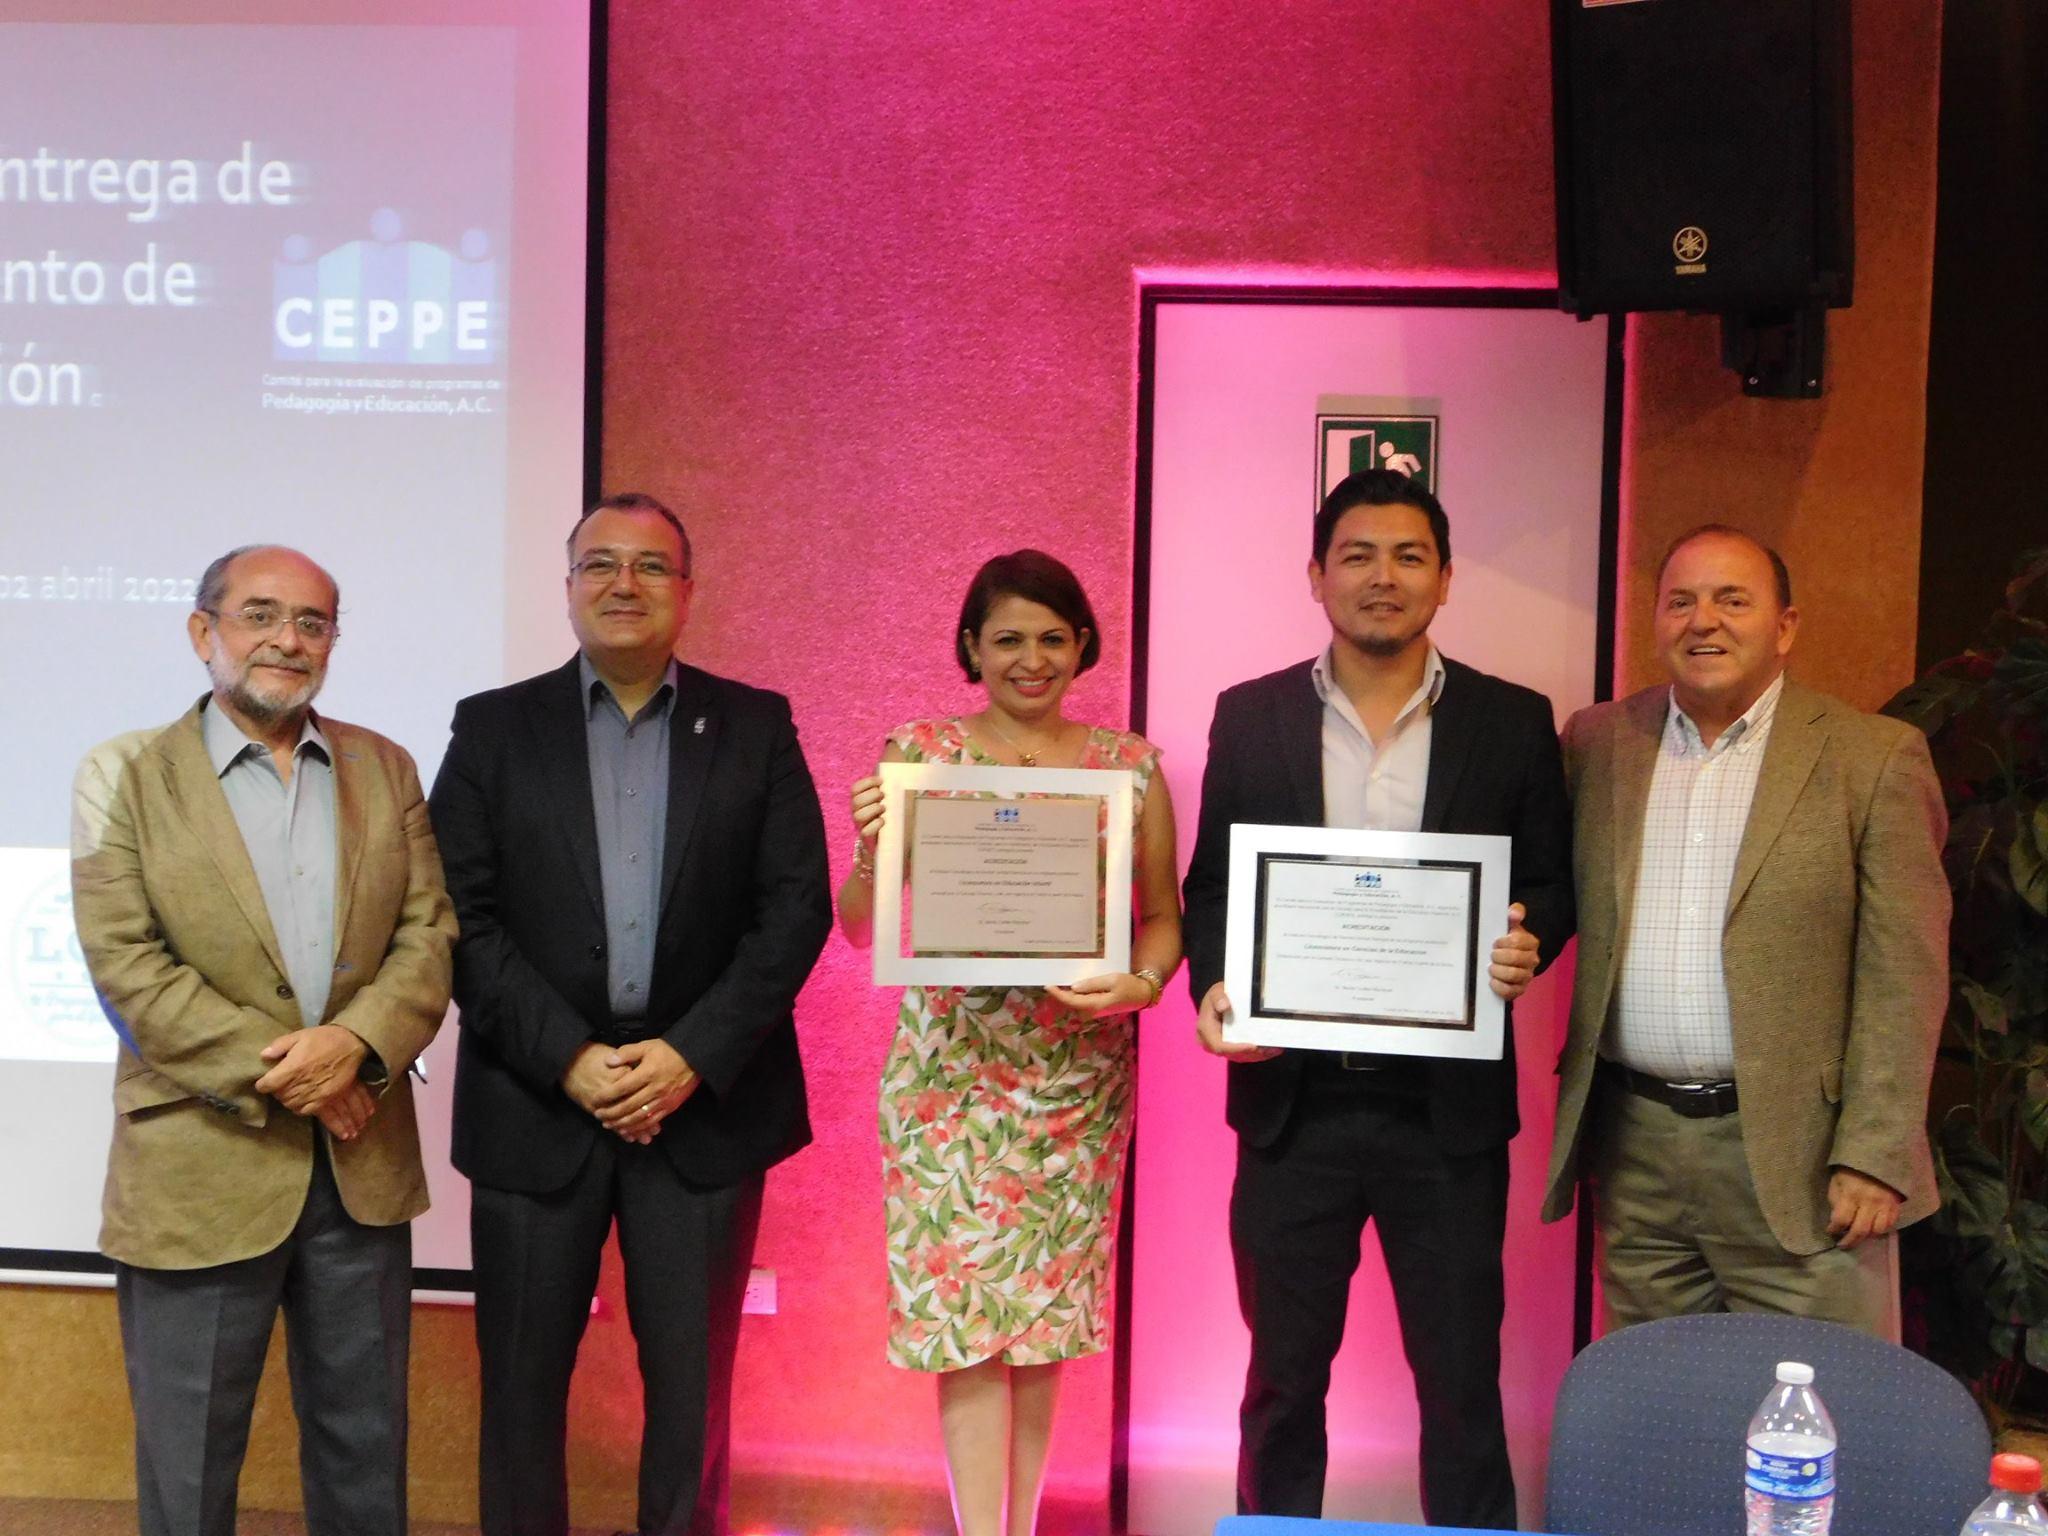 Entrega de acreditaciones en ITSON campus Navojoa